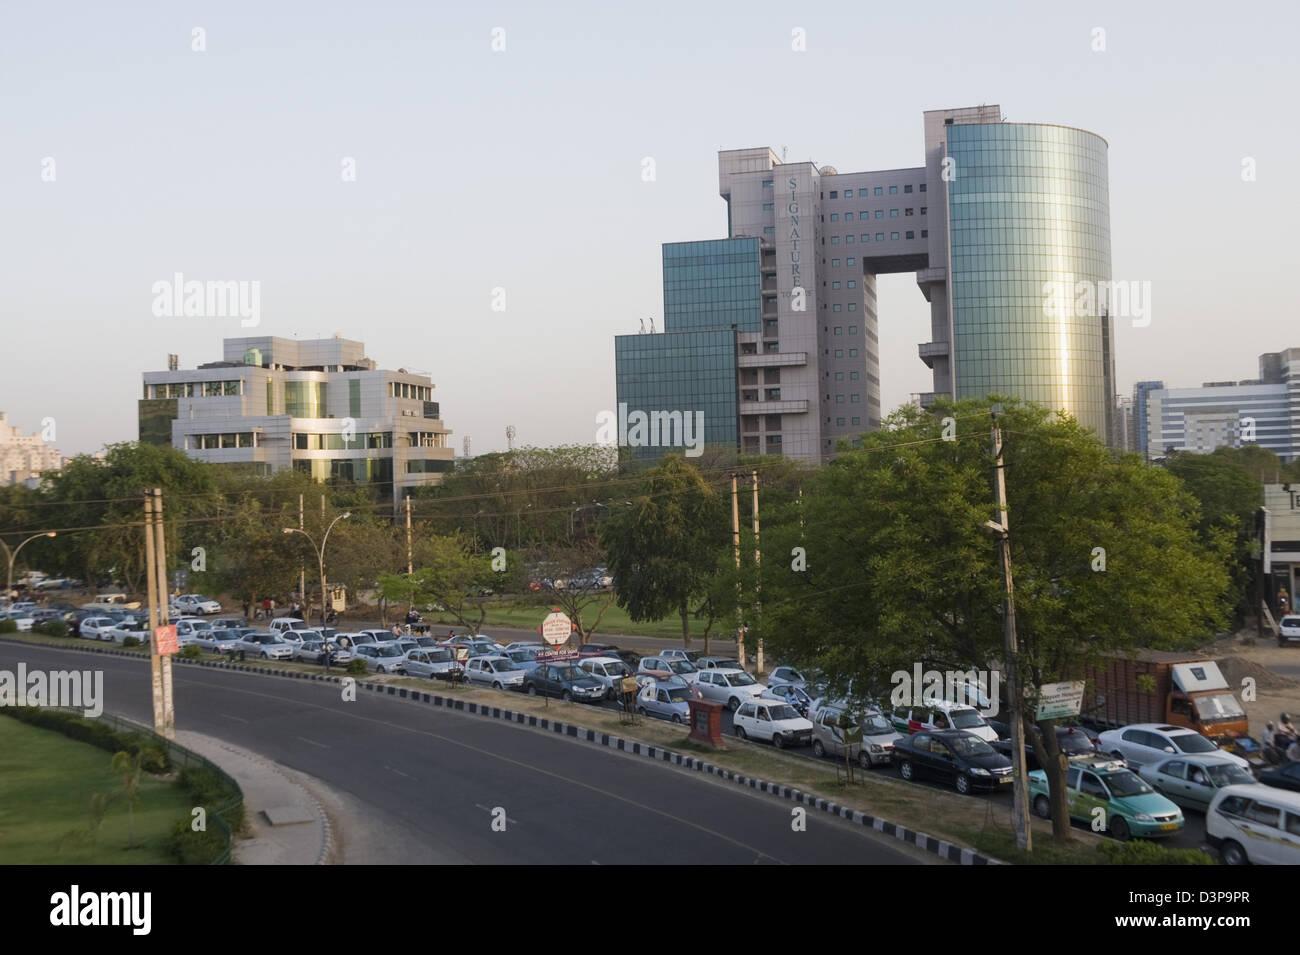 Automobili in attesa ad un semaforo nei pressi di un edificio per uffici, firma torri, Gurgaon, Haryana, India Immagini Stock